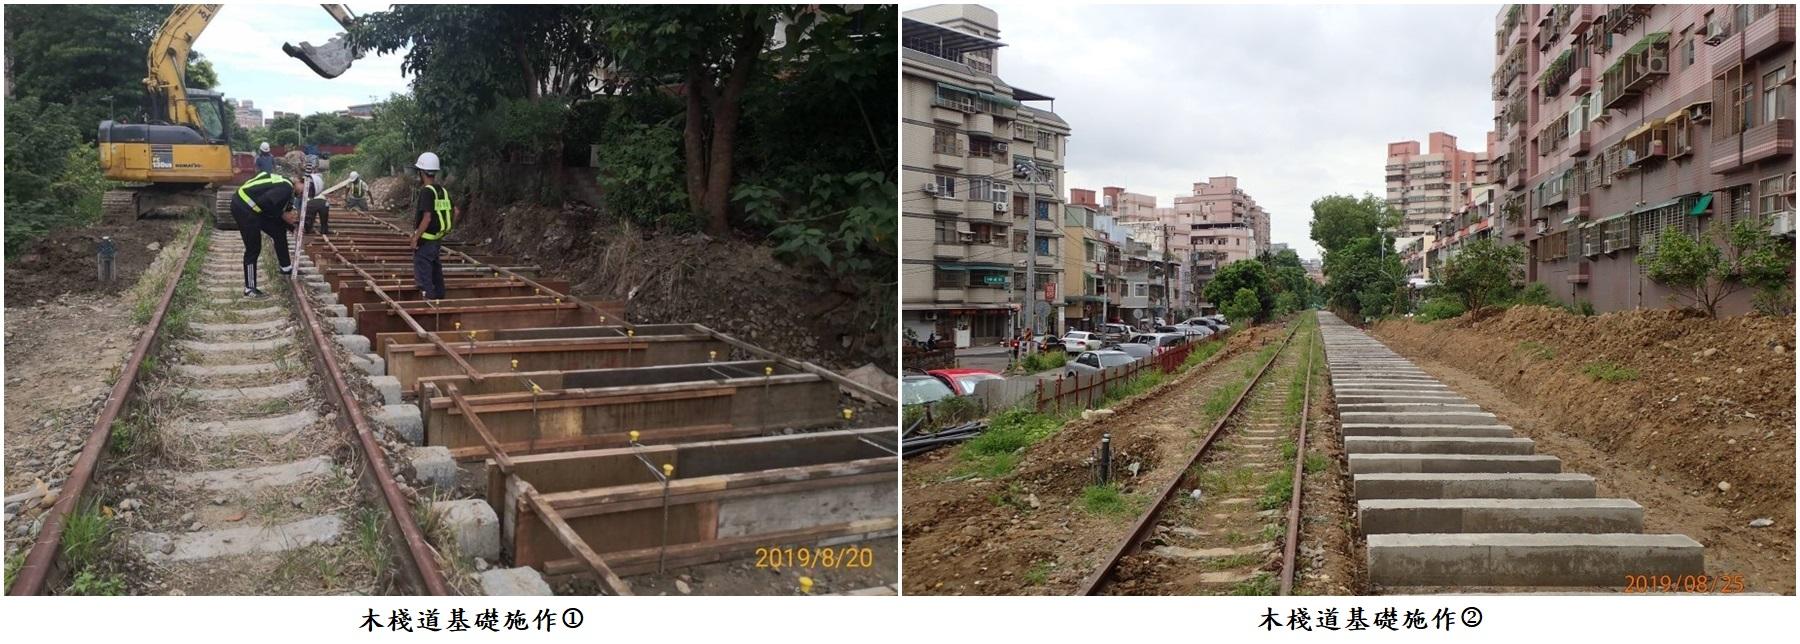 木棧道基礎施作